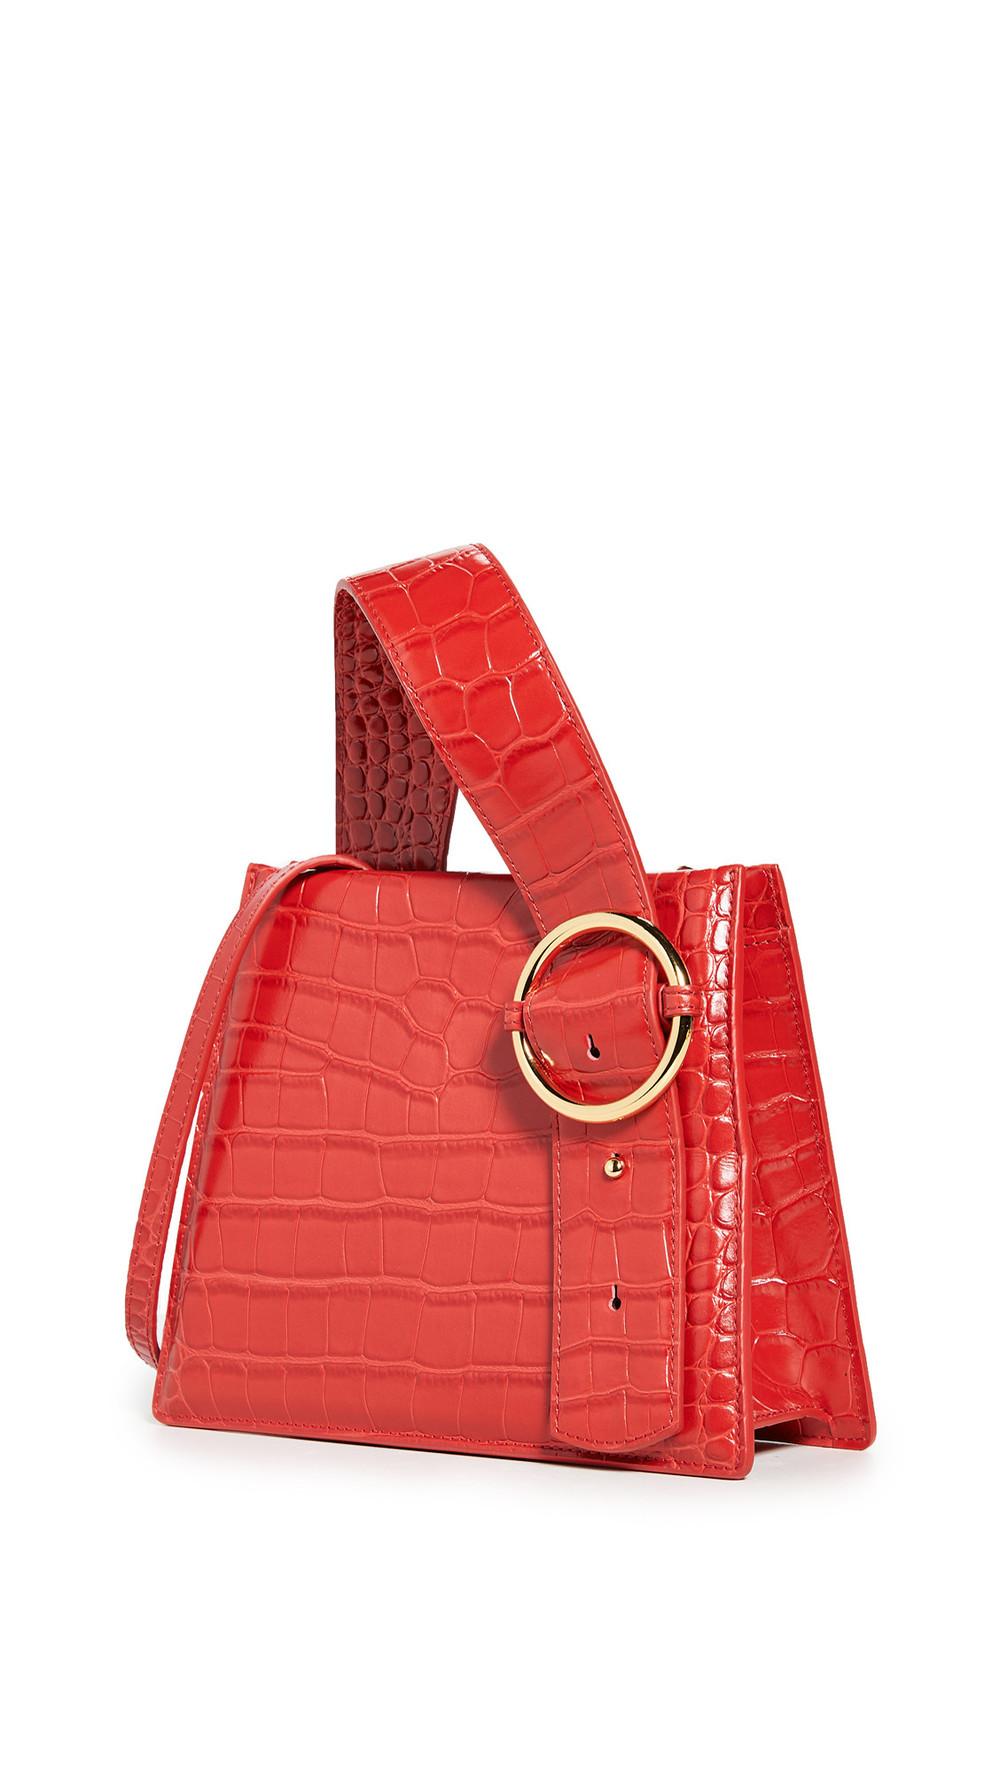 Parisa Wang Enchanted Top Handle Bag in red